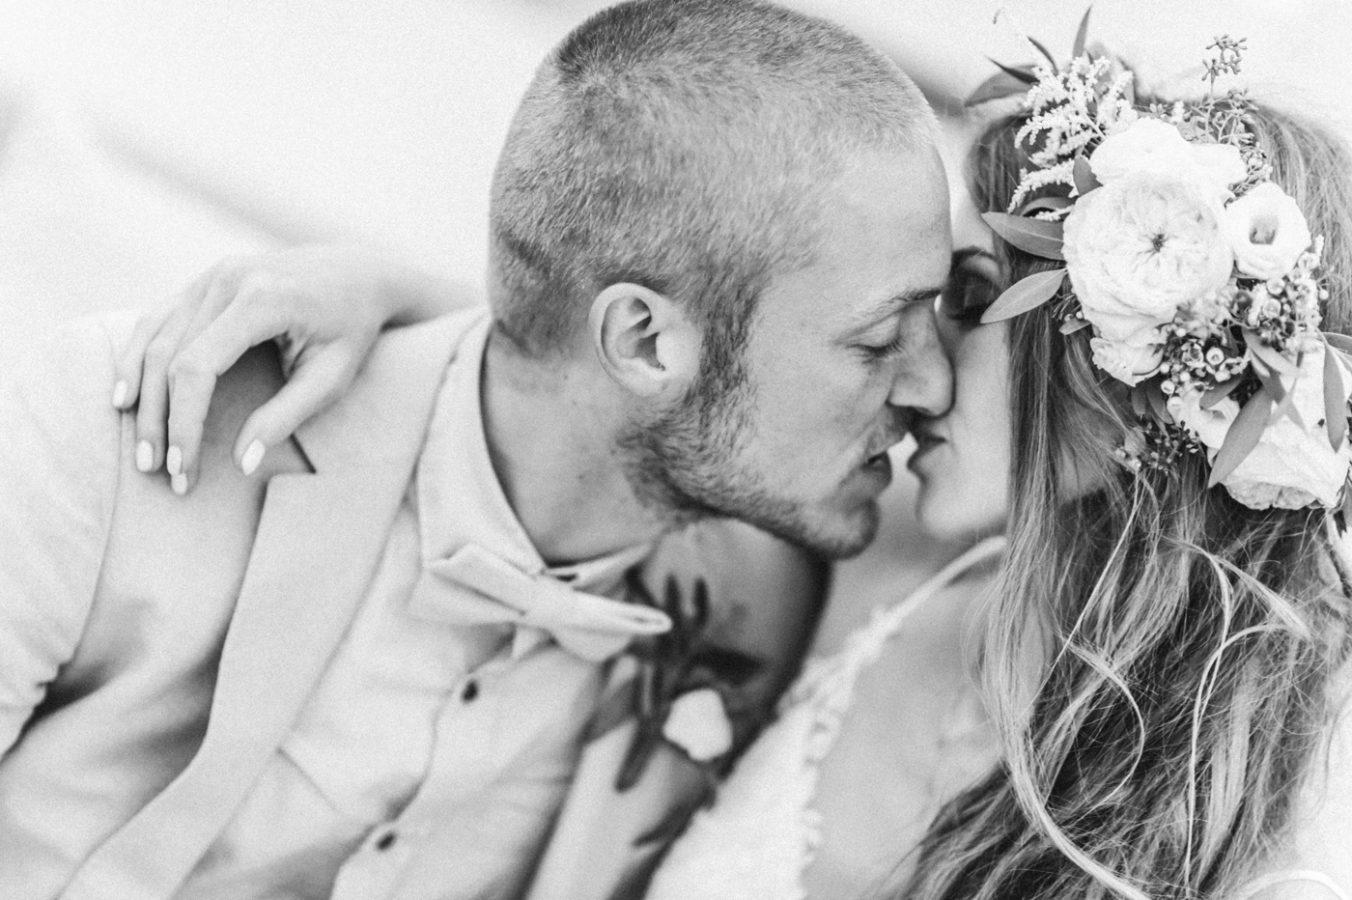 Fotos HochzeitsreportagenFotoshochzeit hochzeitsfotograf international cologne ibiza mallorca 0861